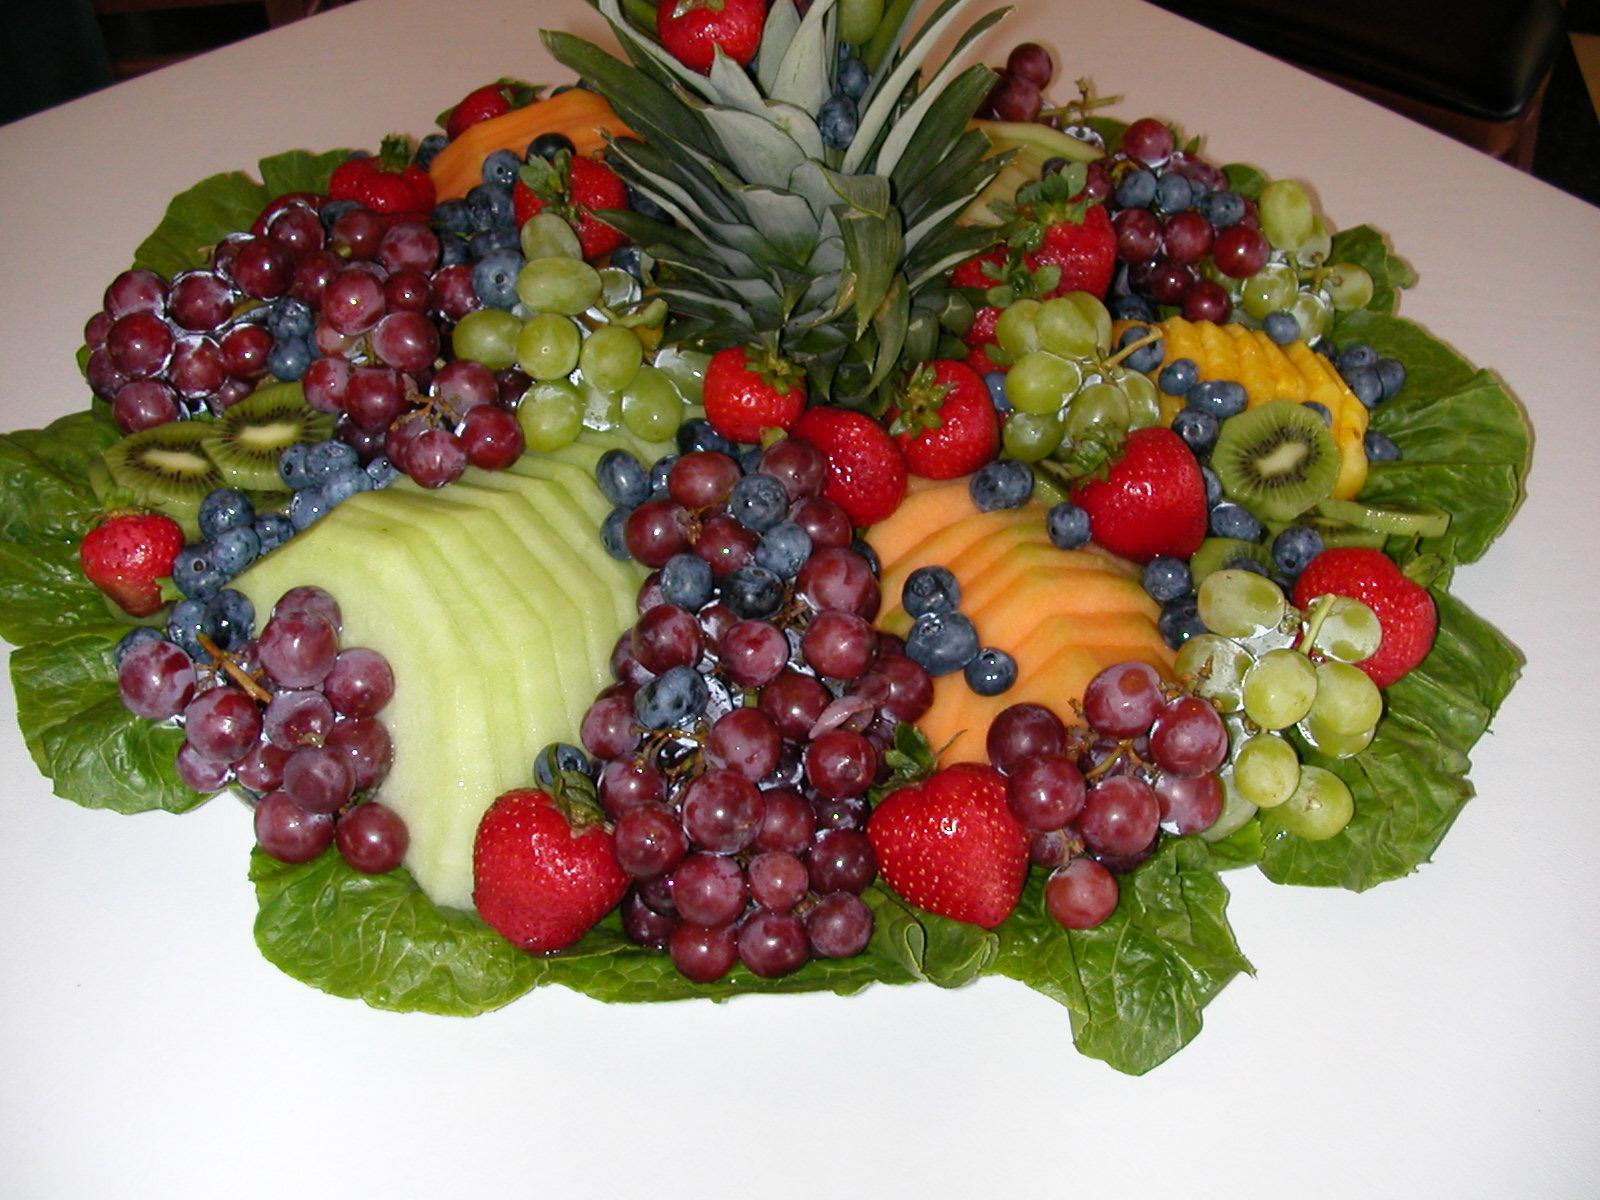 Vida Y Hogar Atractivo Centro De Mesa Con Frutas - Centros-de-mesa-de-frutas